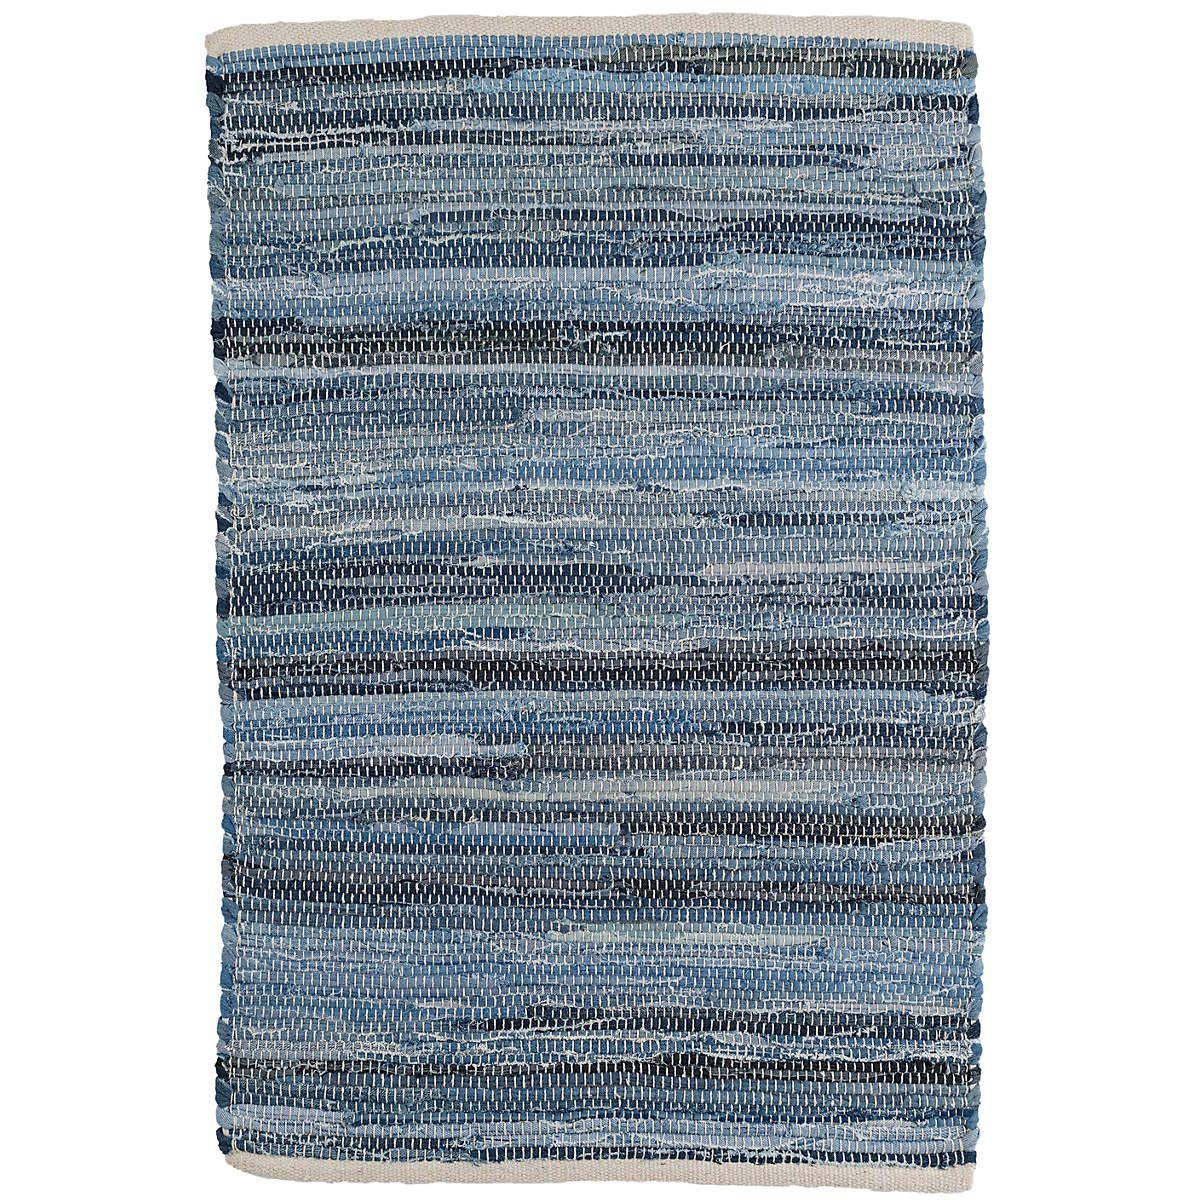 Fine Denim Rag Woven Cotton Rug Dash Albert Cotton Rug Denim Rag Rugs Cotton Weaving